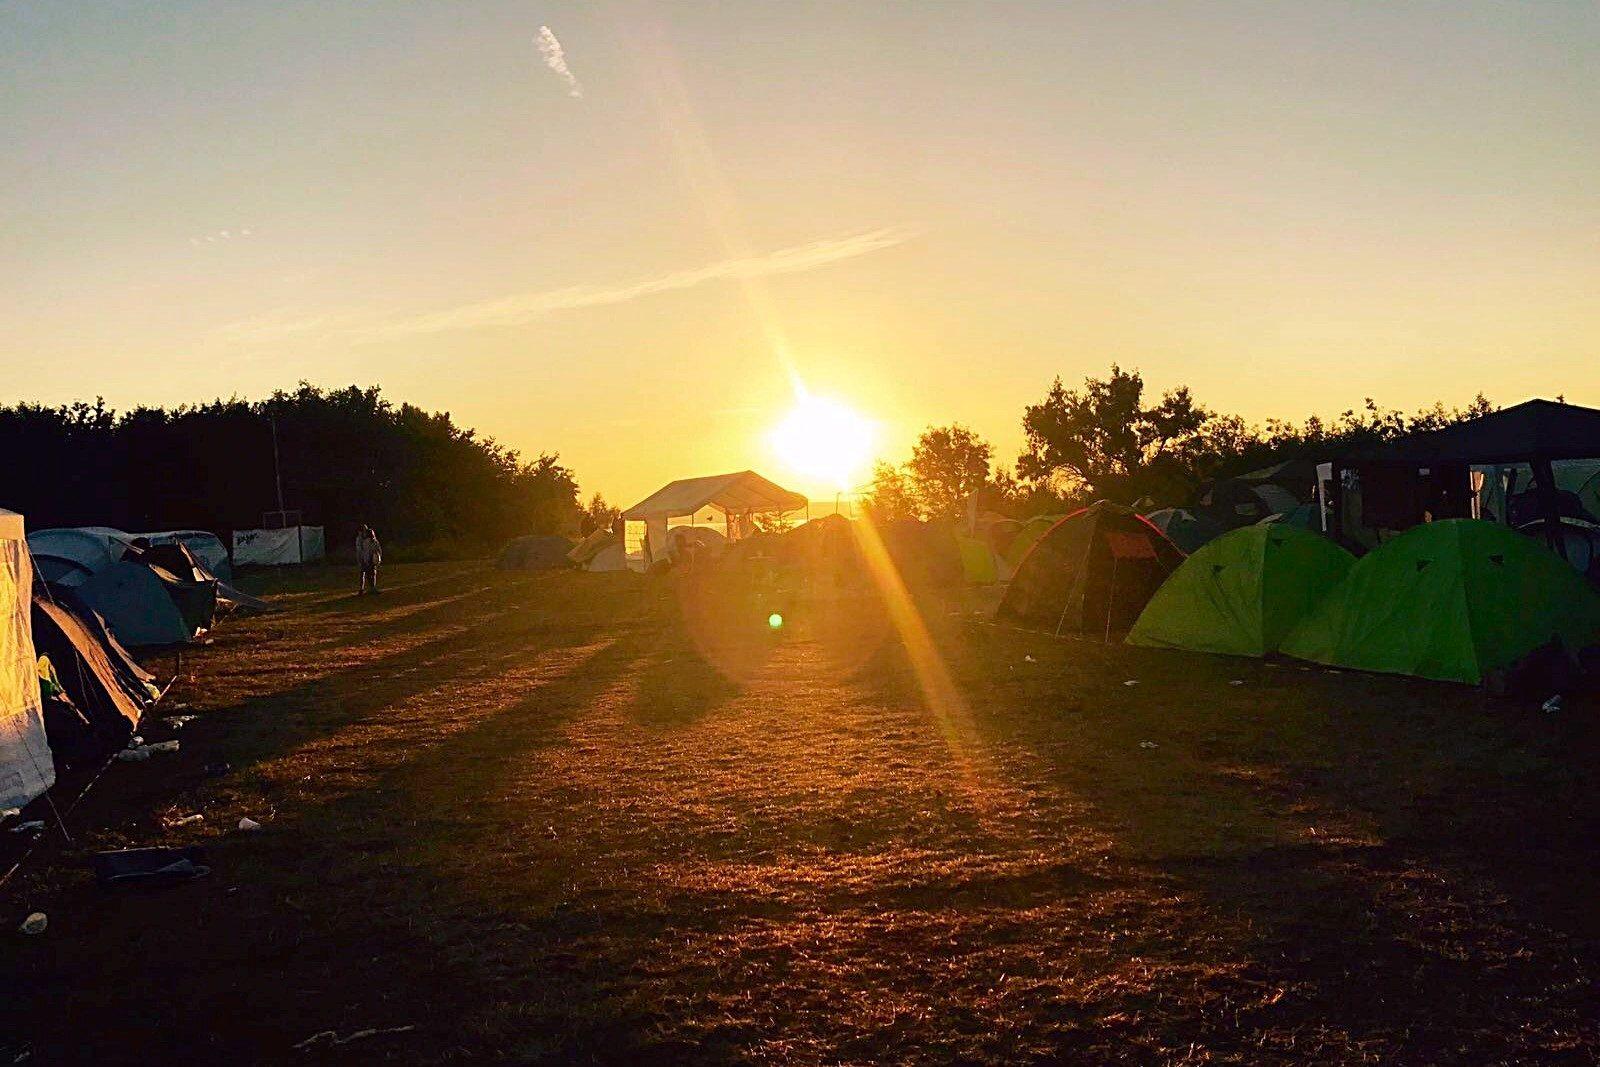 Zondsopgang Camping Noord @ Melt Felstival 2017 - Fotocredits Djuna Vaesen